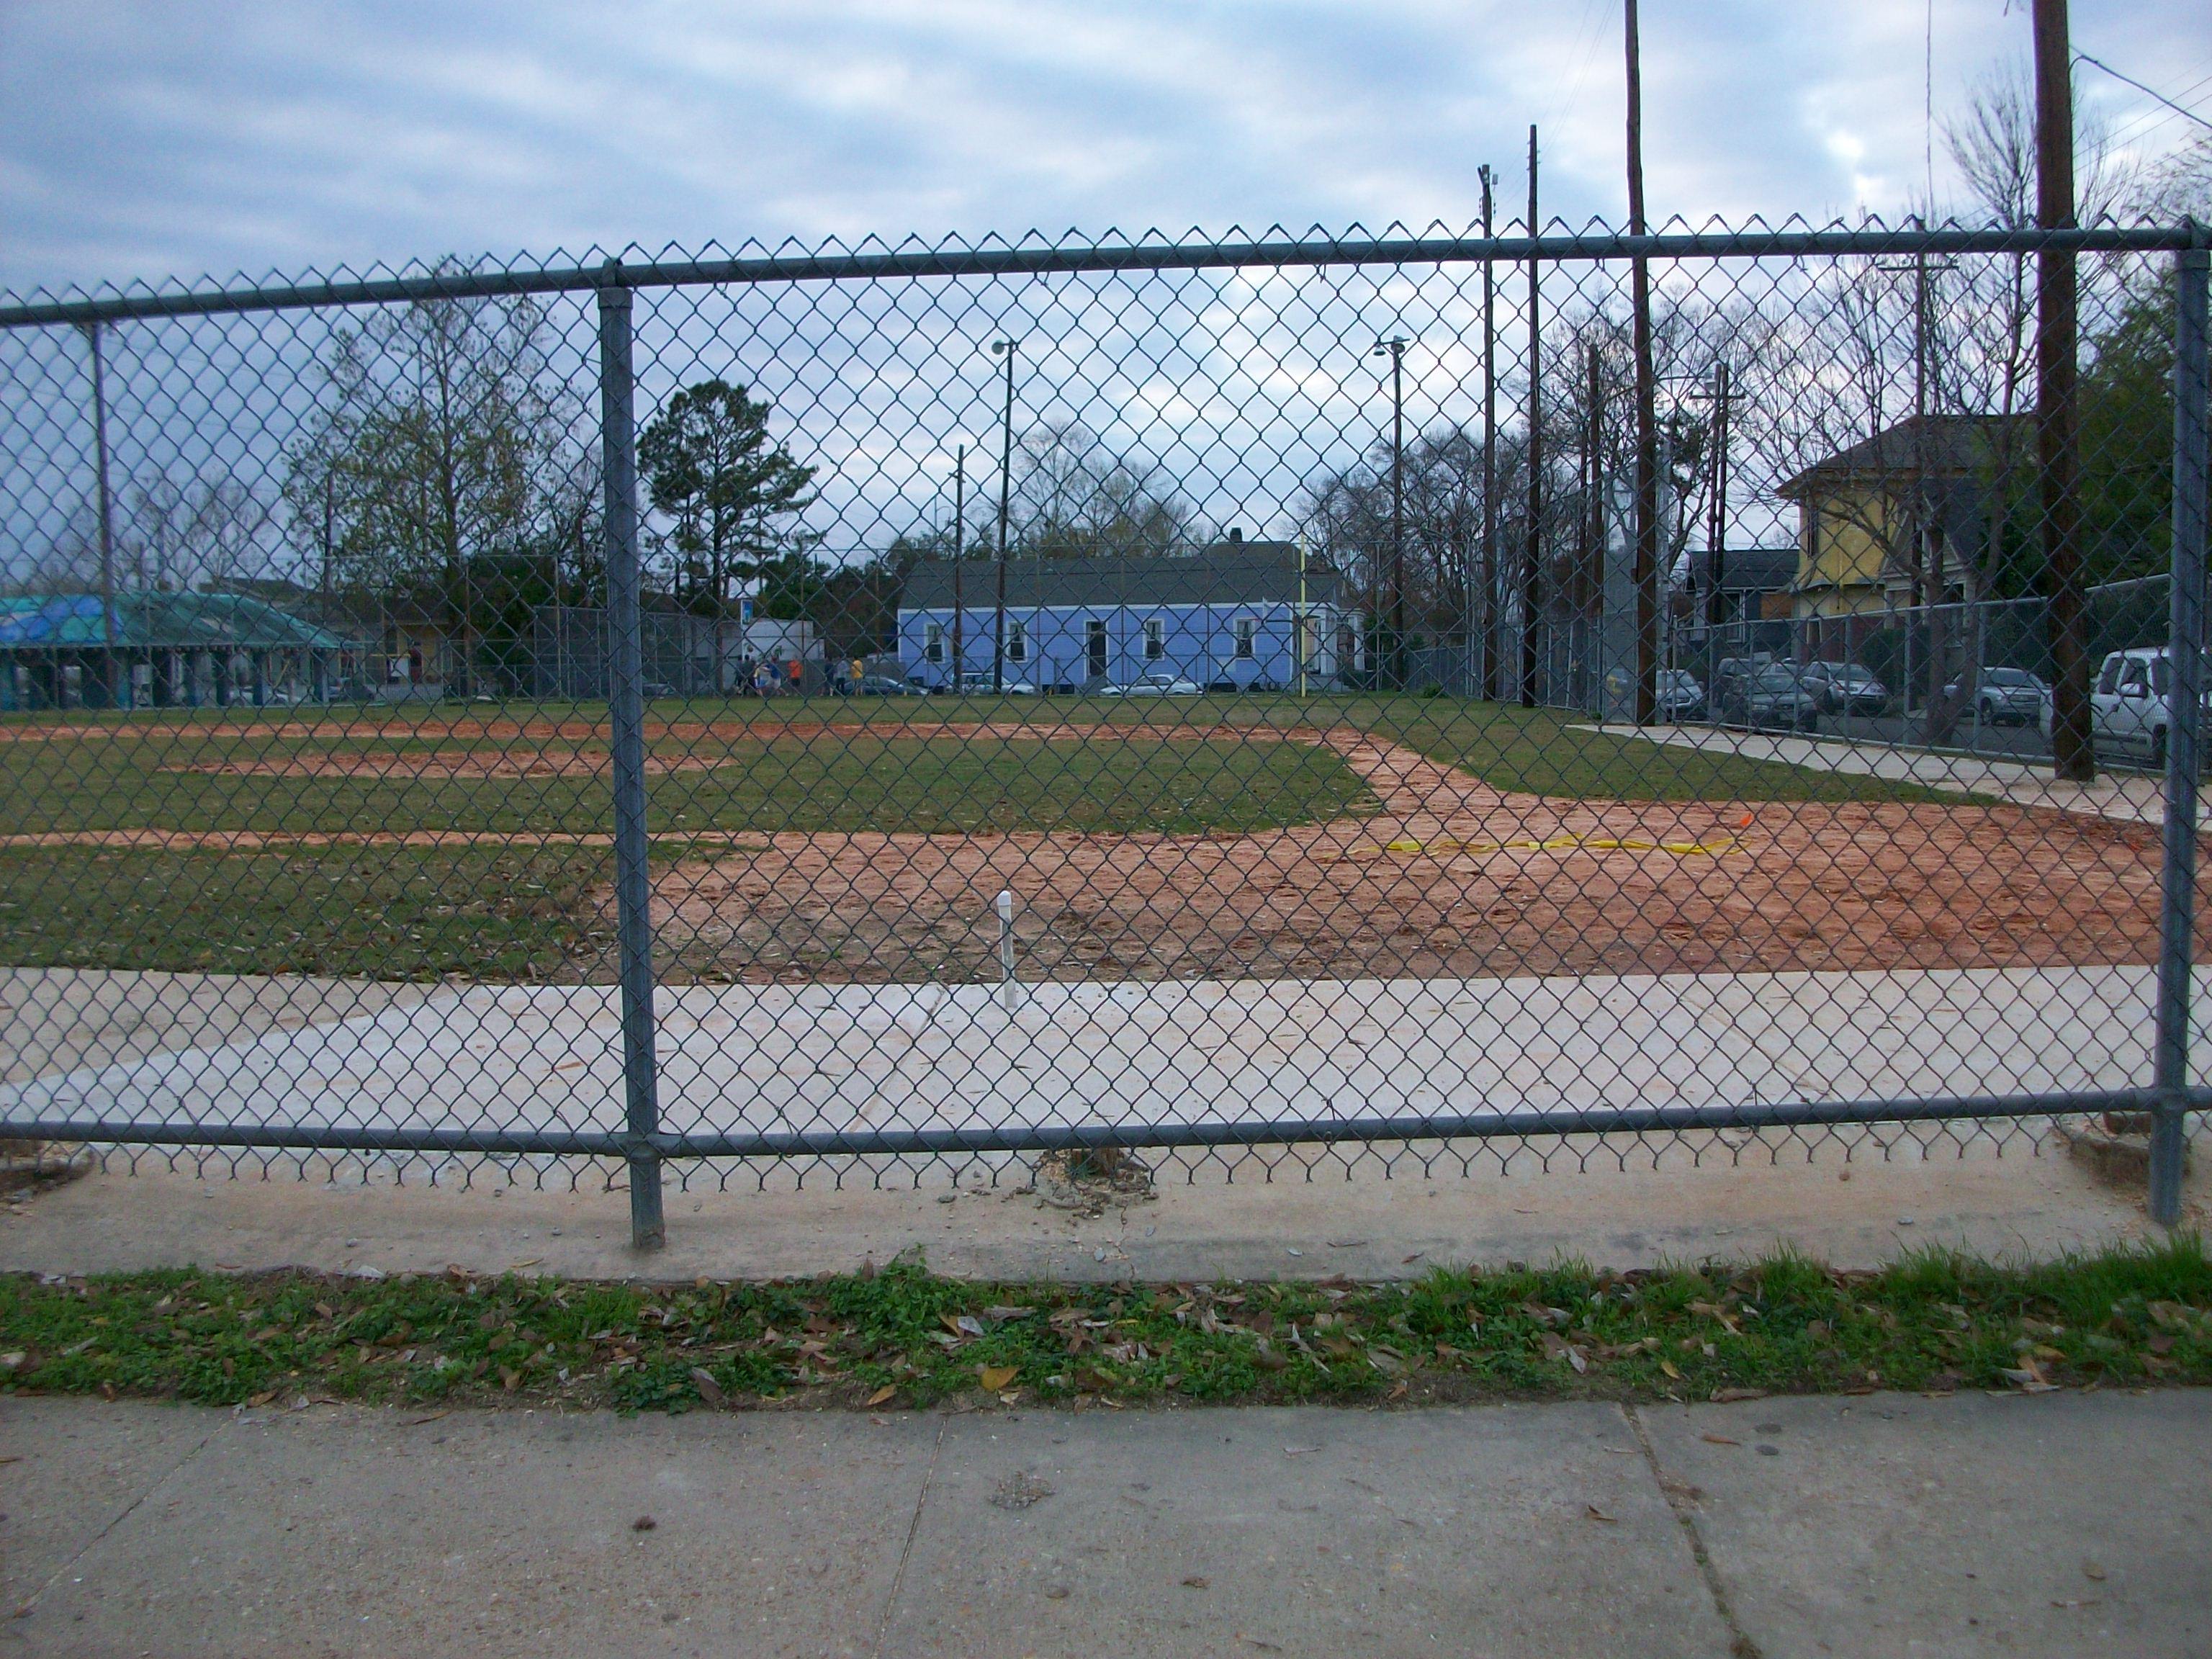 Baseball field at Laurel Street